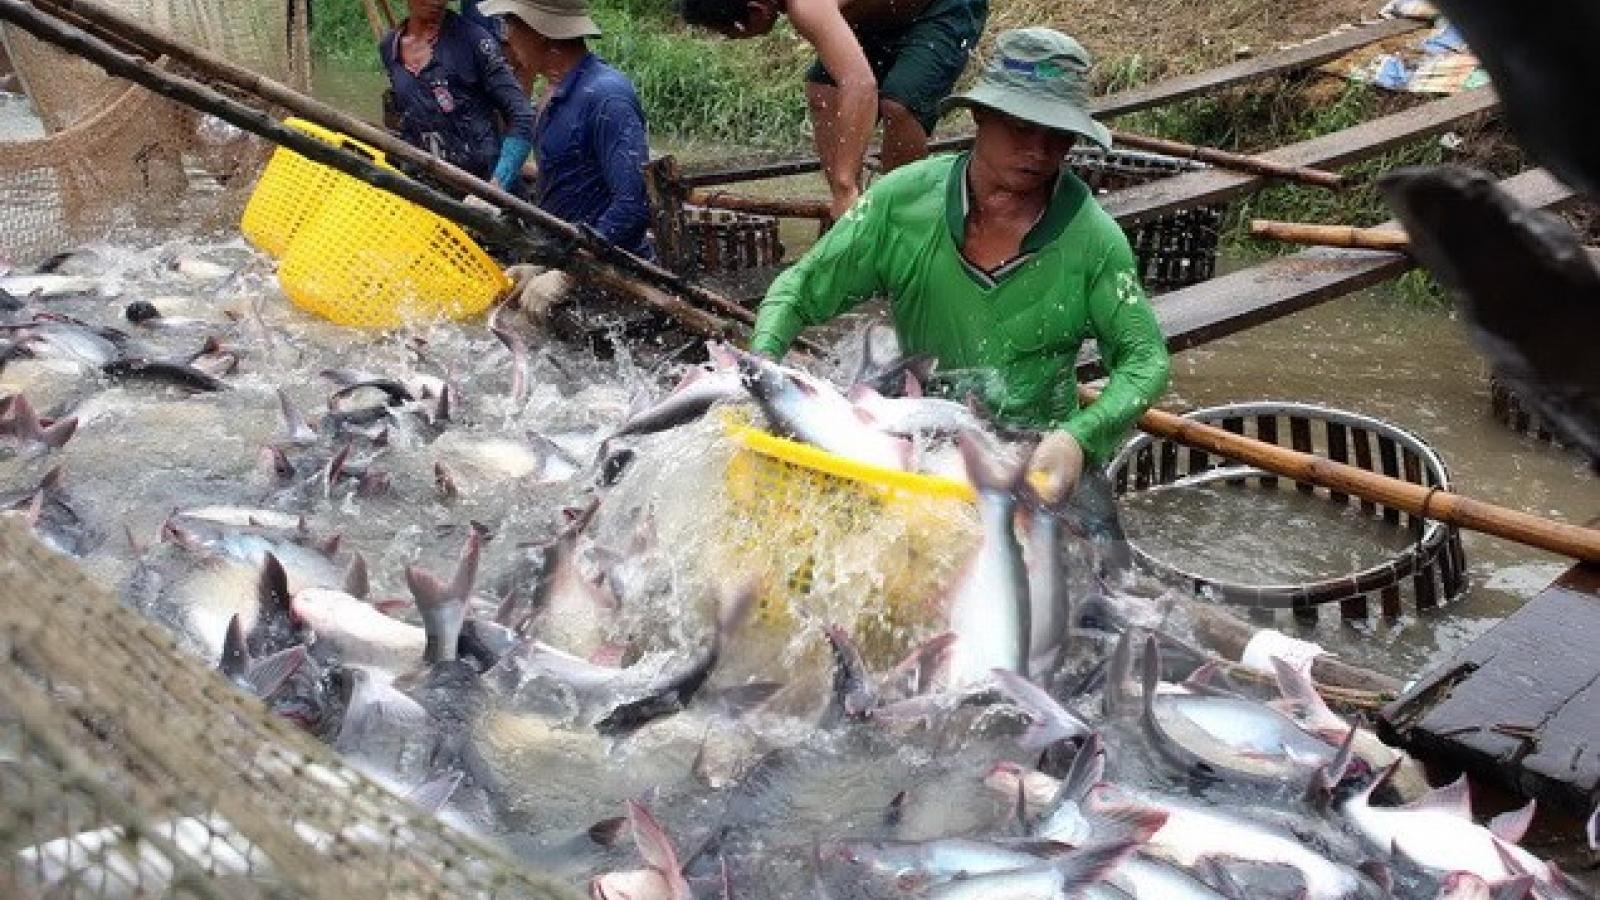 Campuchia xem xét lại quyết định tạm ngừng nhập khẩu cá theo đề xuất của Việt Nam